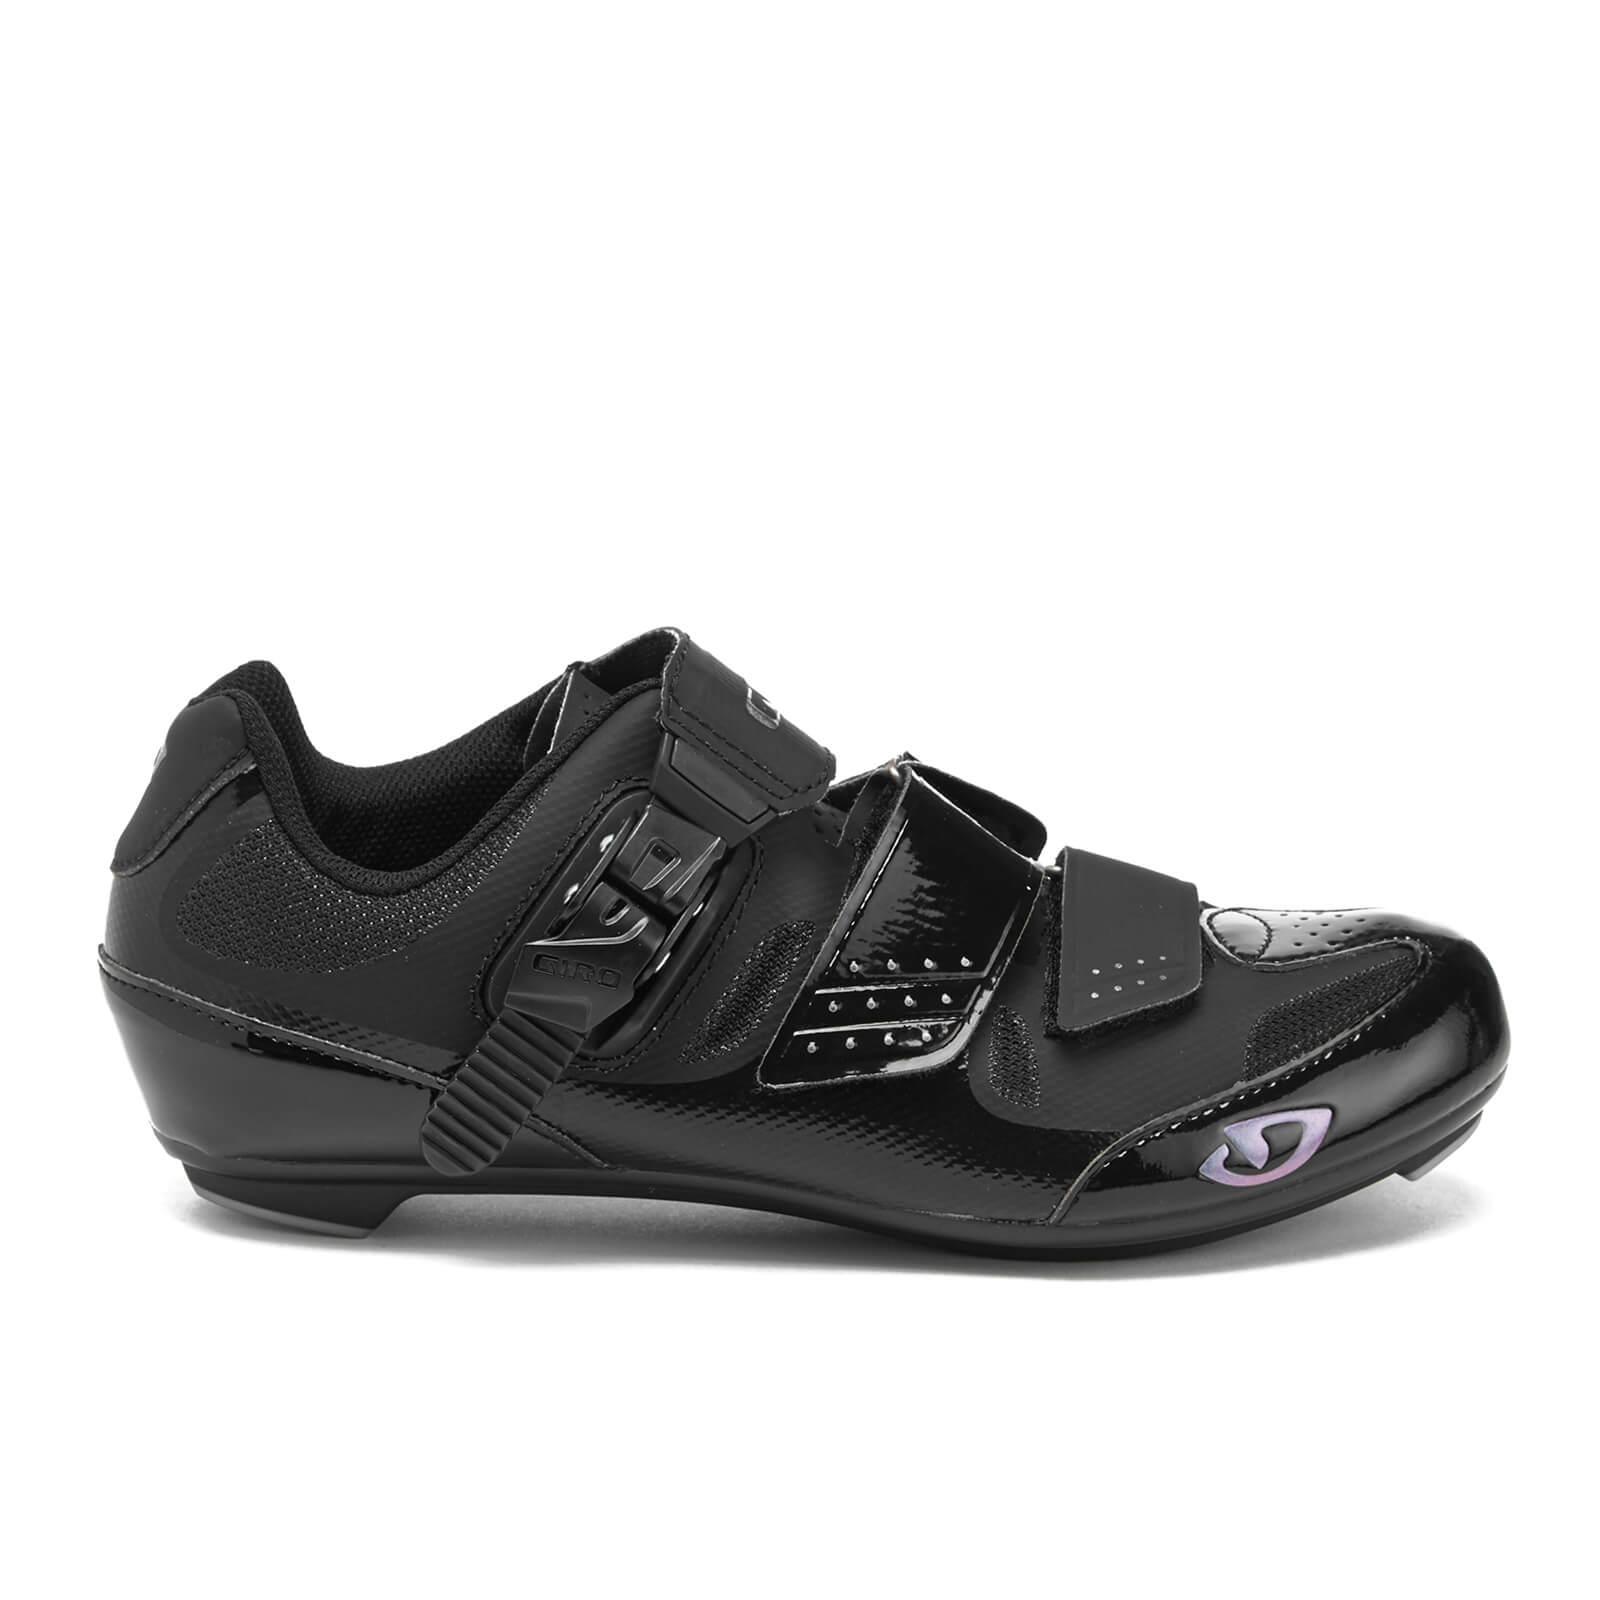 e00af4b0ec7 Giro Solara II Women s Road Cycling Shoes - Black